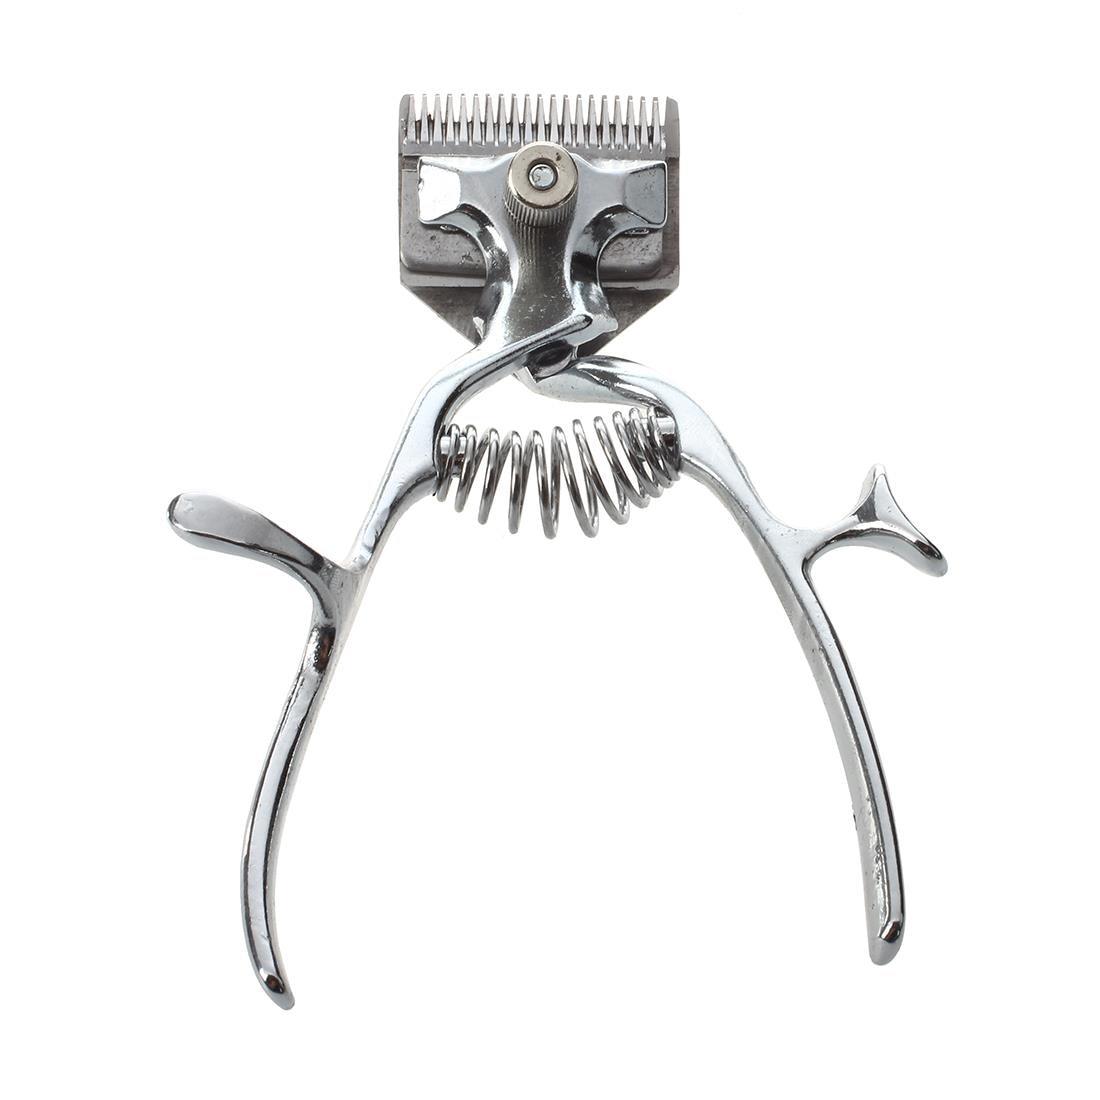 Los piojos Moda Antigua Manual cortadora de corte de pelo mano empuje bajo ruido no eléctricos de corte de pelo